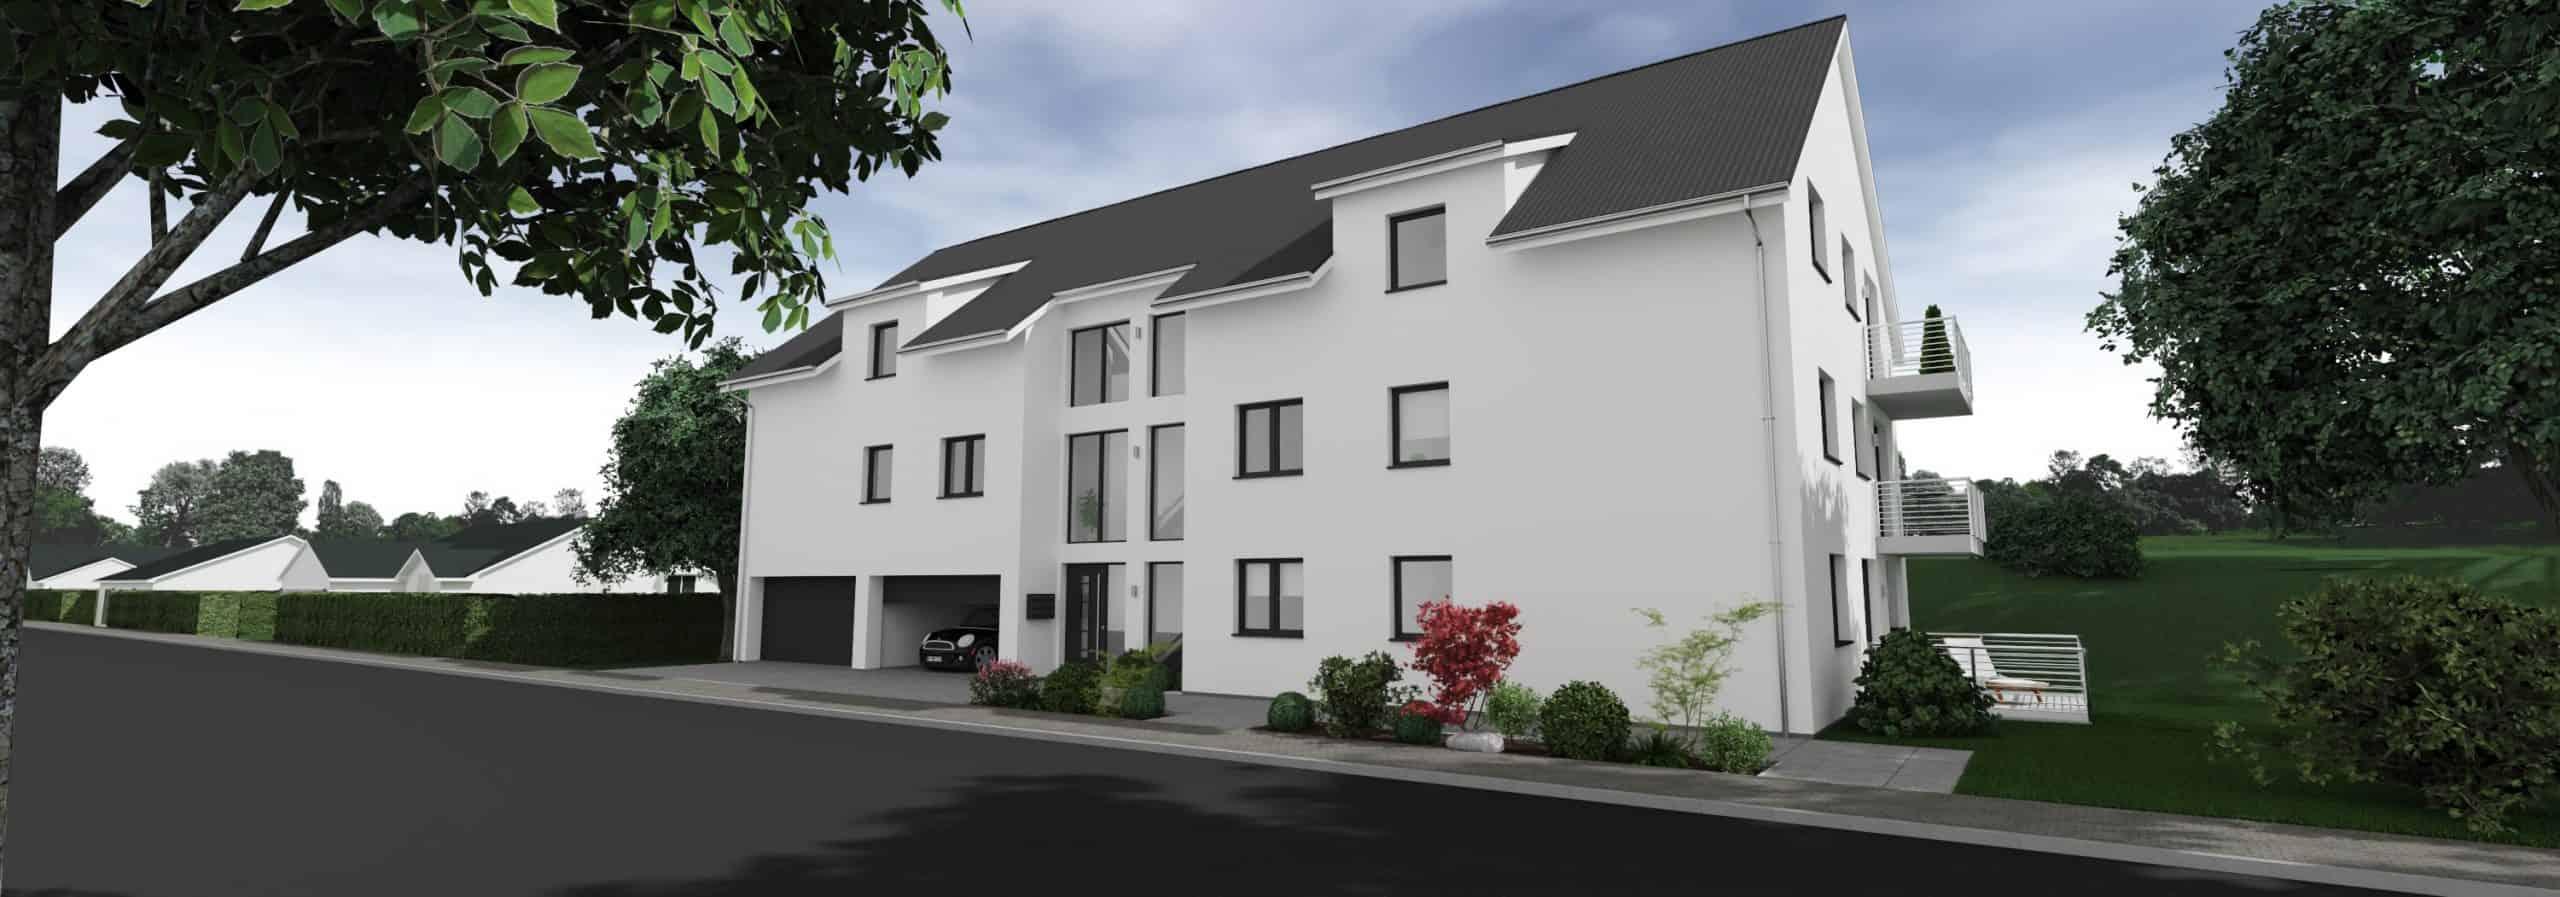 9 freundliche Eigentumswohnungen in Bad Salzungen